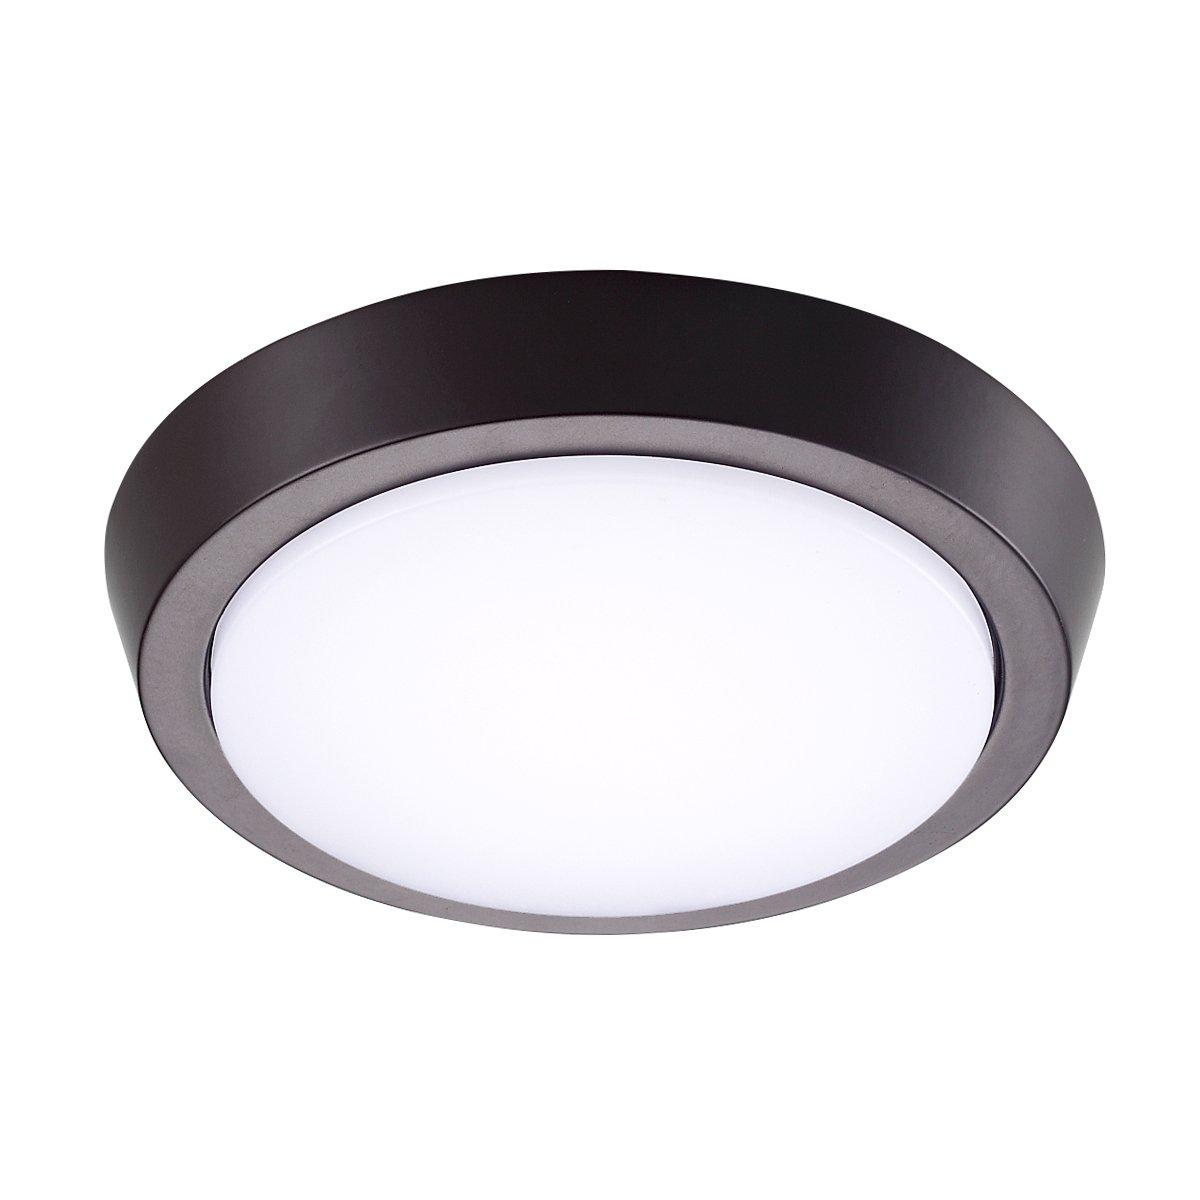 GetInLight 7 Inch Flush Mount LED Ceiling Light with ETL Listed, Bright White 4000K, Bronze Finish, IN-0302-2-BZ-40